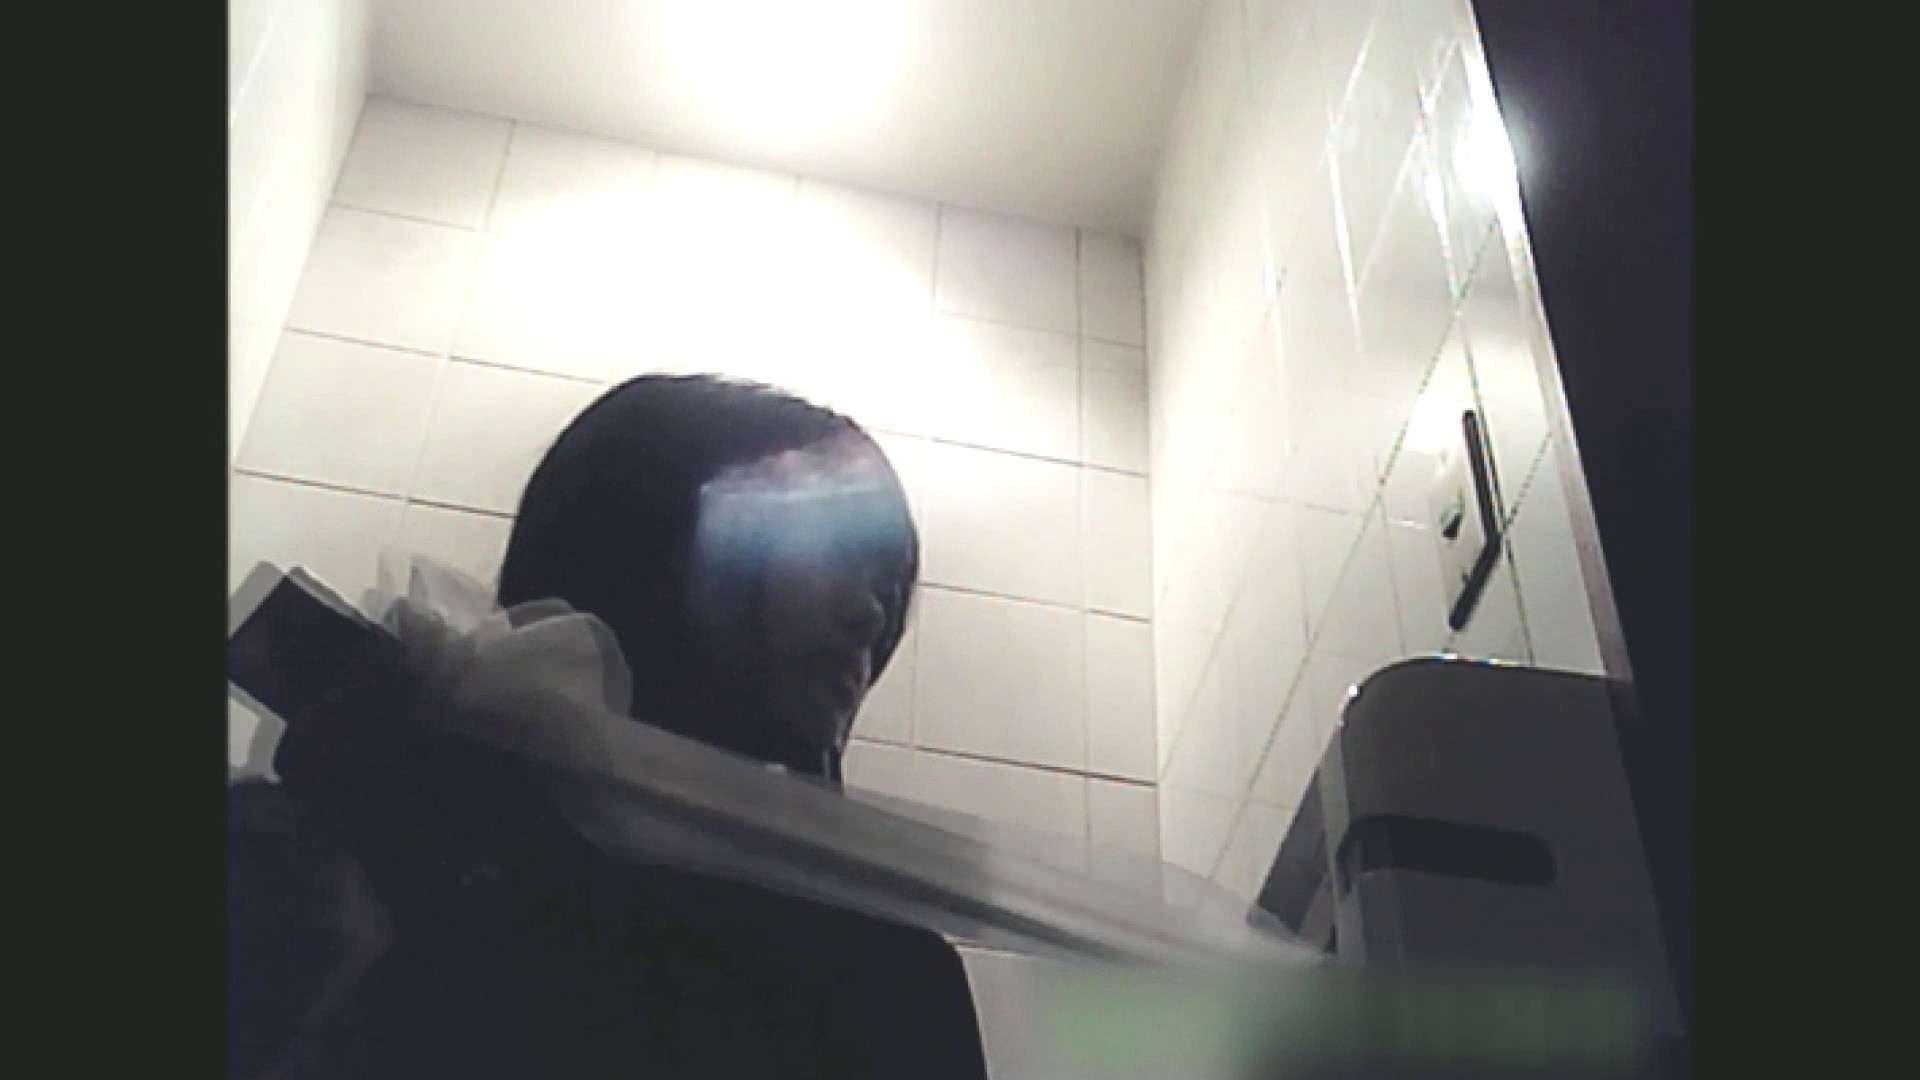 実録!!綺麗なお姉さんのトイレ事情・・・。vol.4 OLエロ画像 | お姉さん  39PICs 16